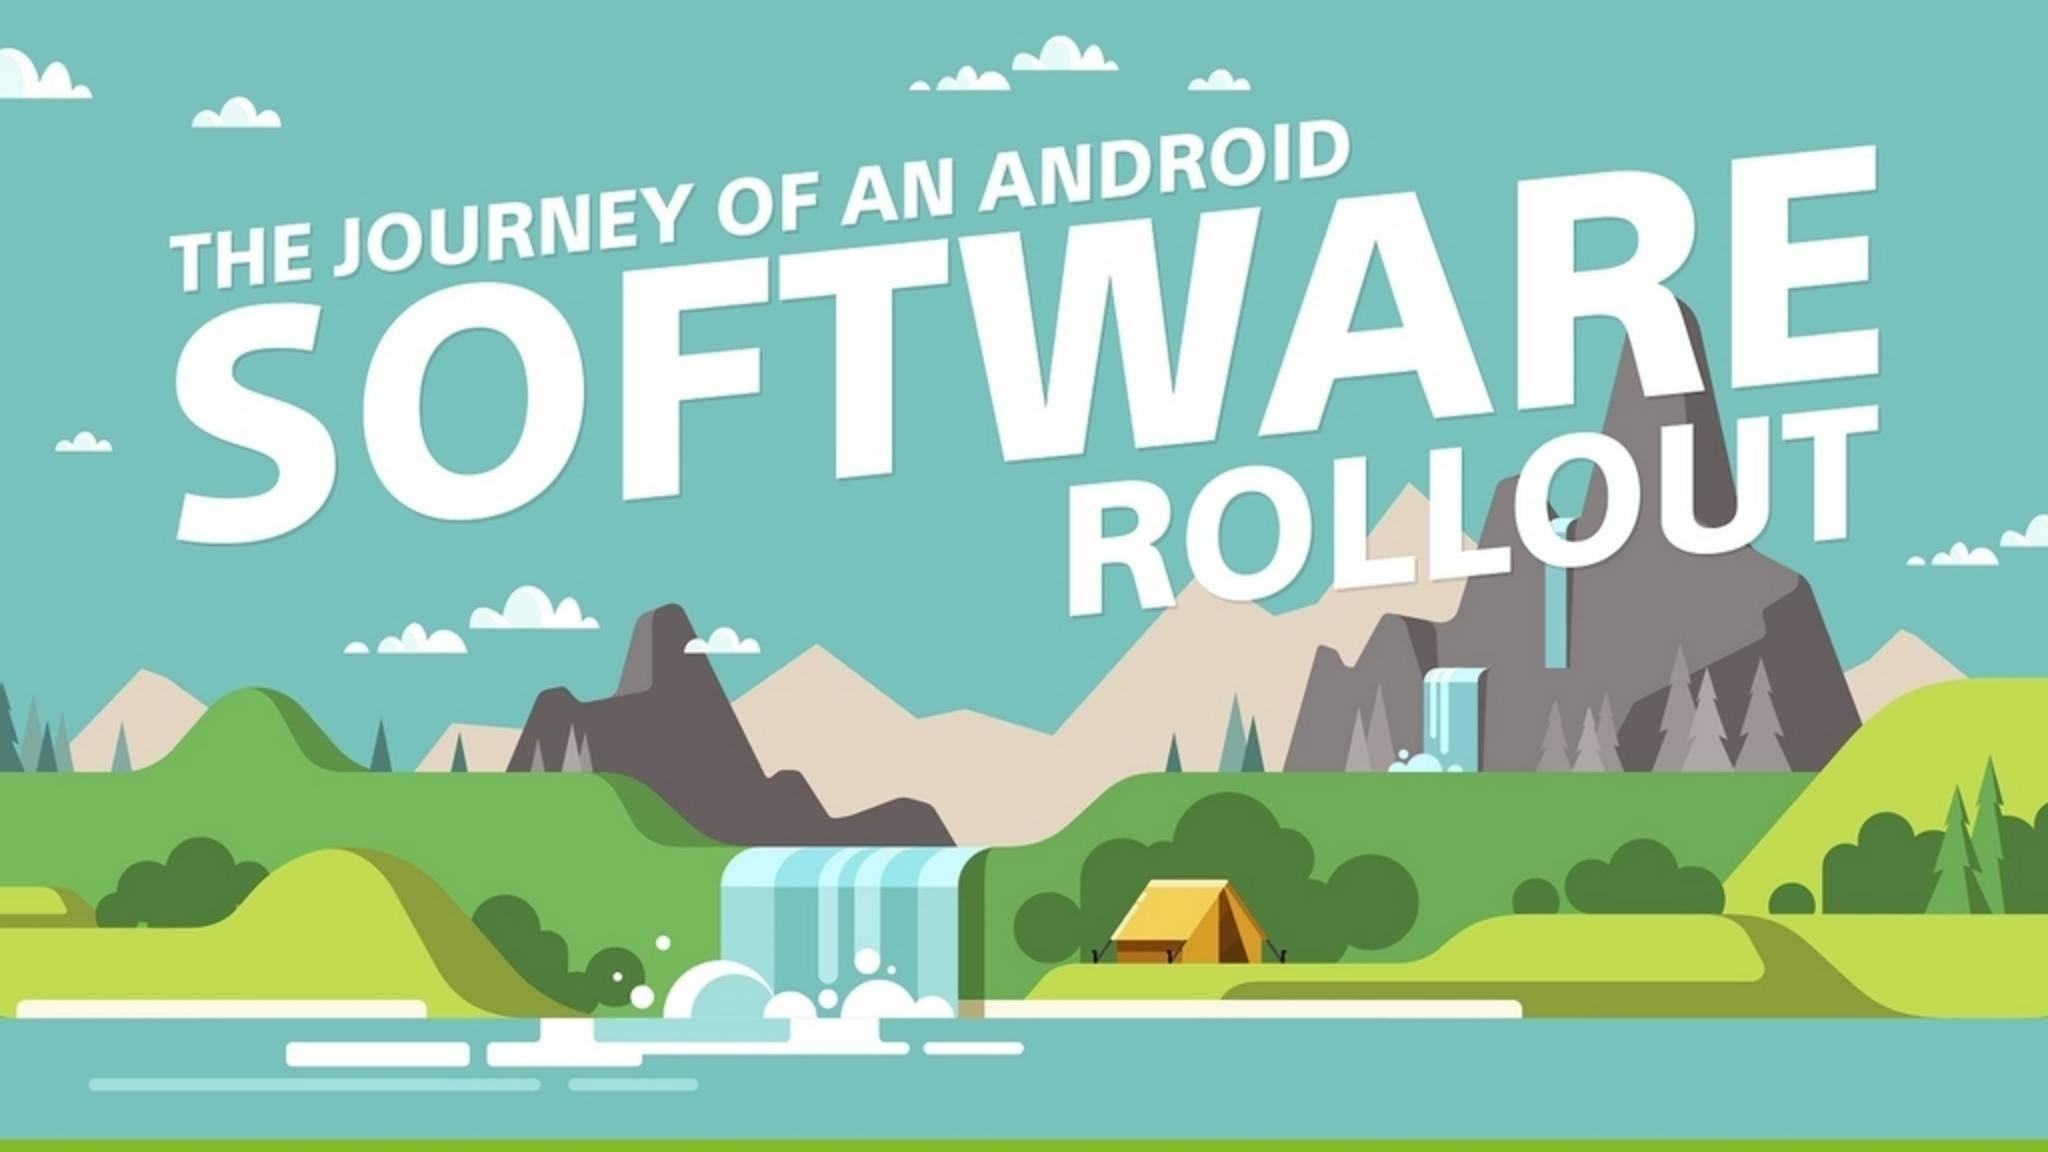 Sony zeichnet den Weg einer neuen Android-Version nach.